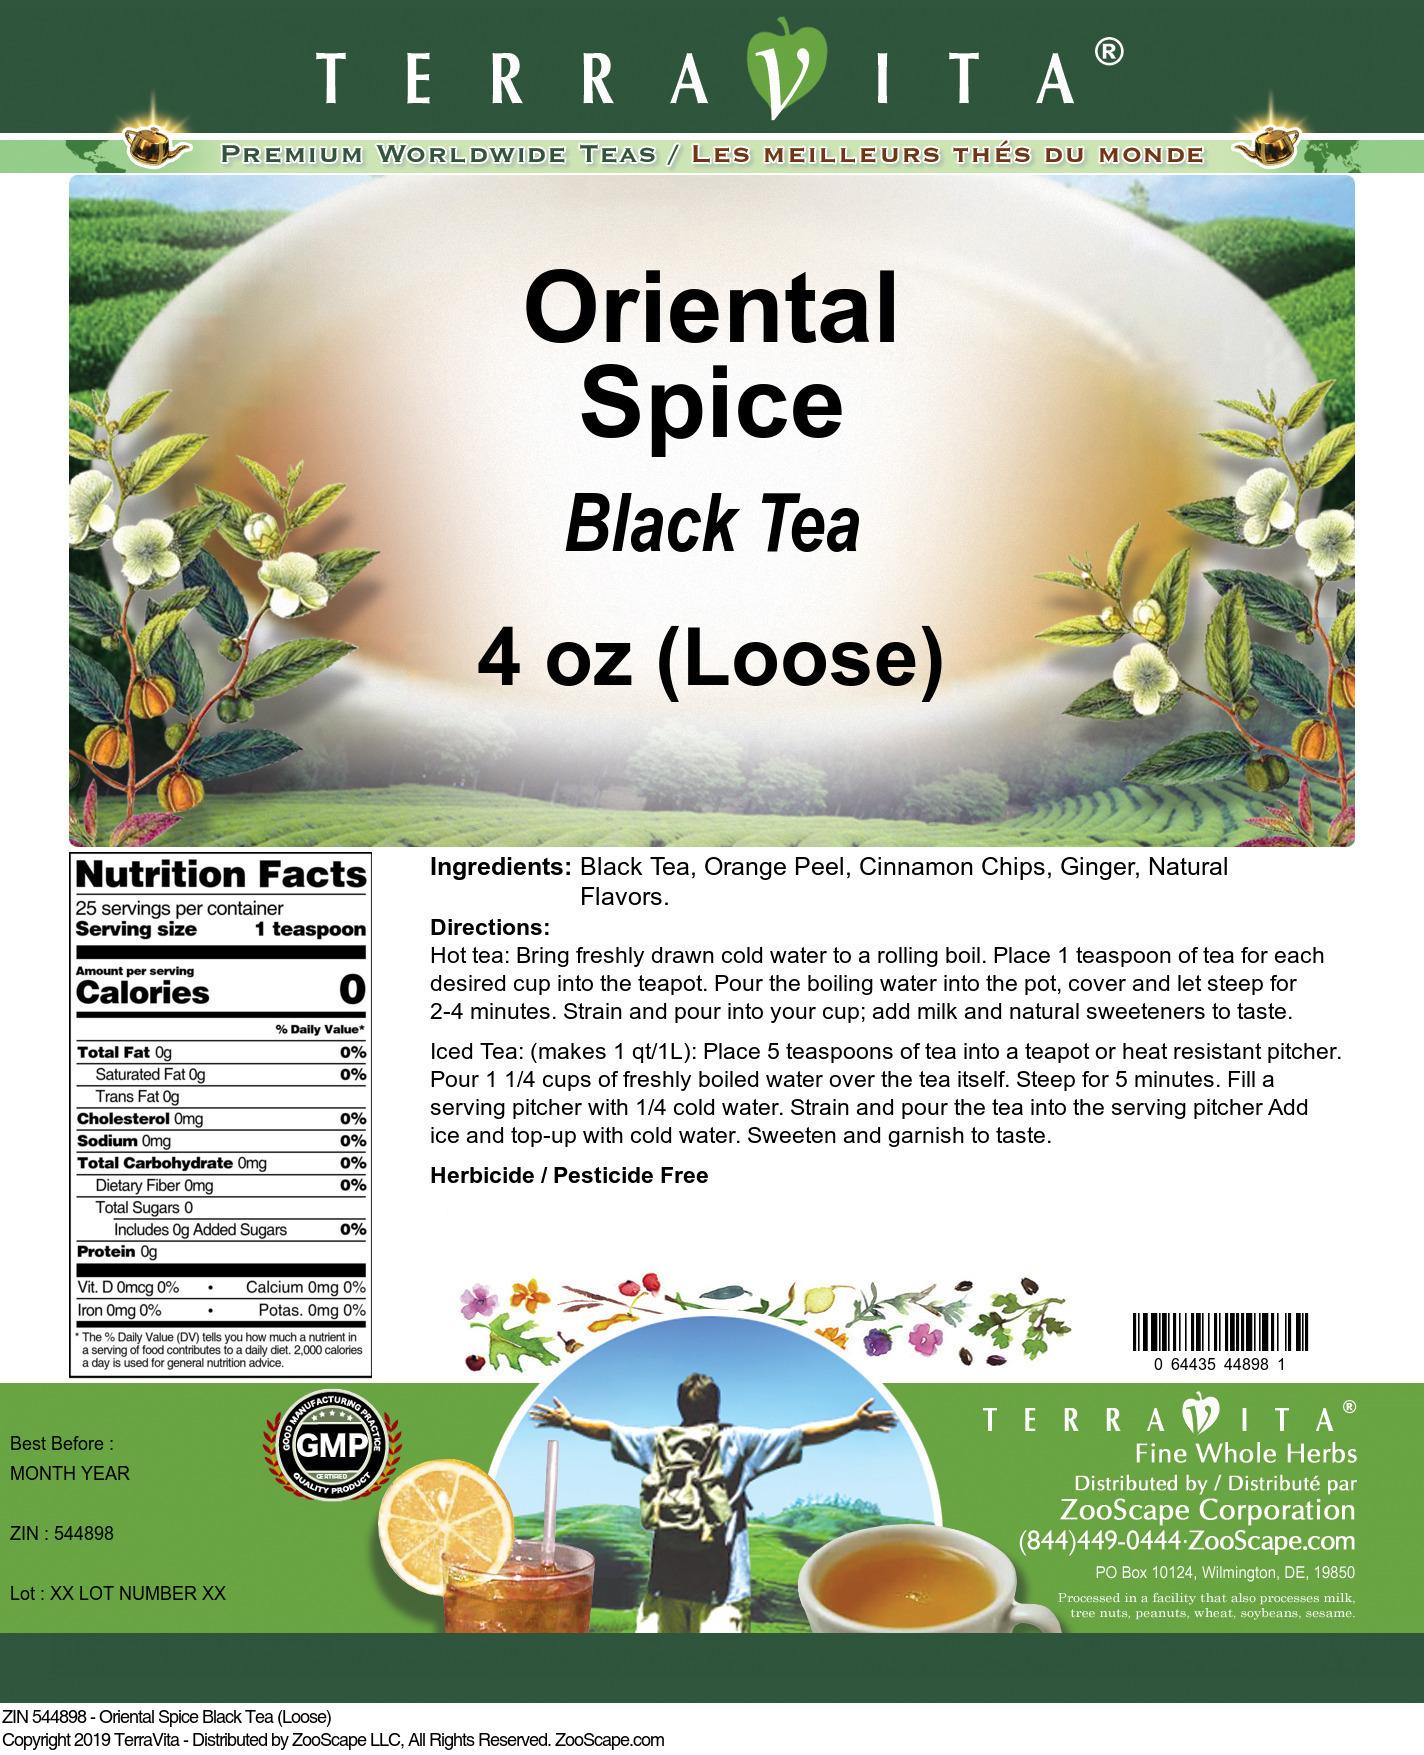 Oriental Spice Black Tea